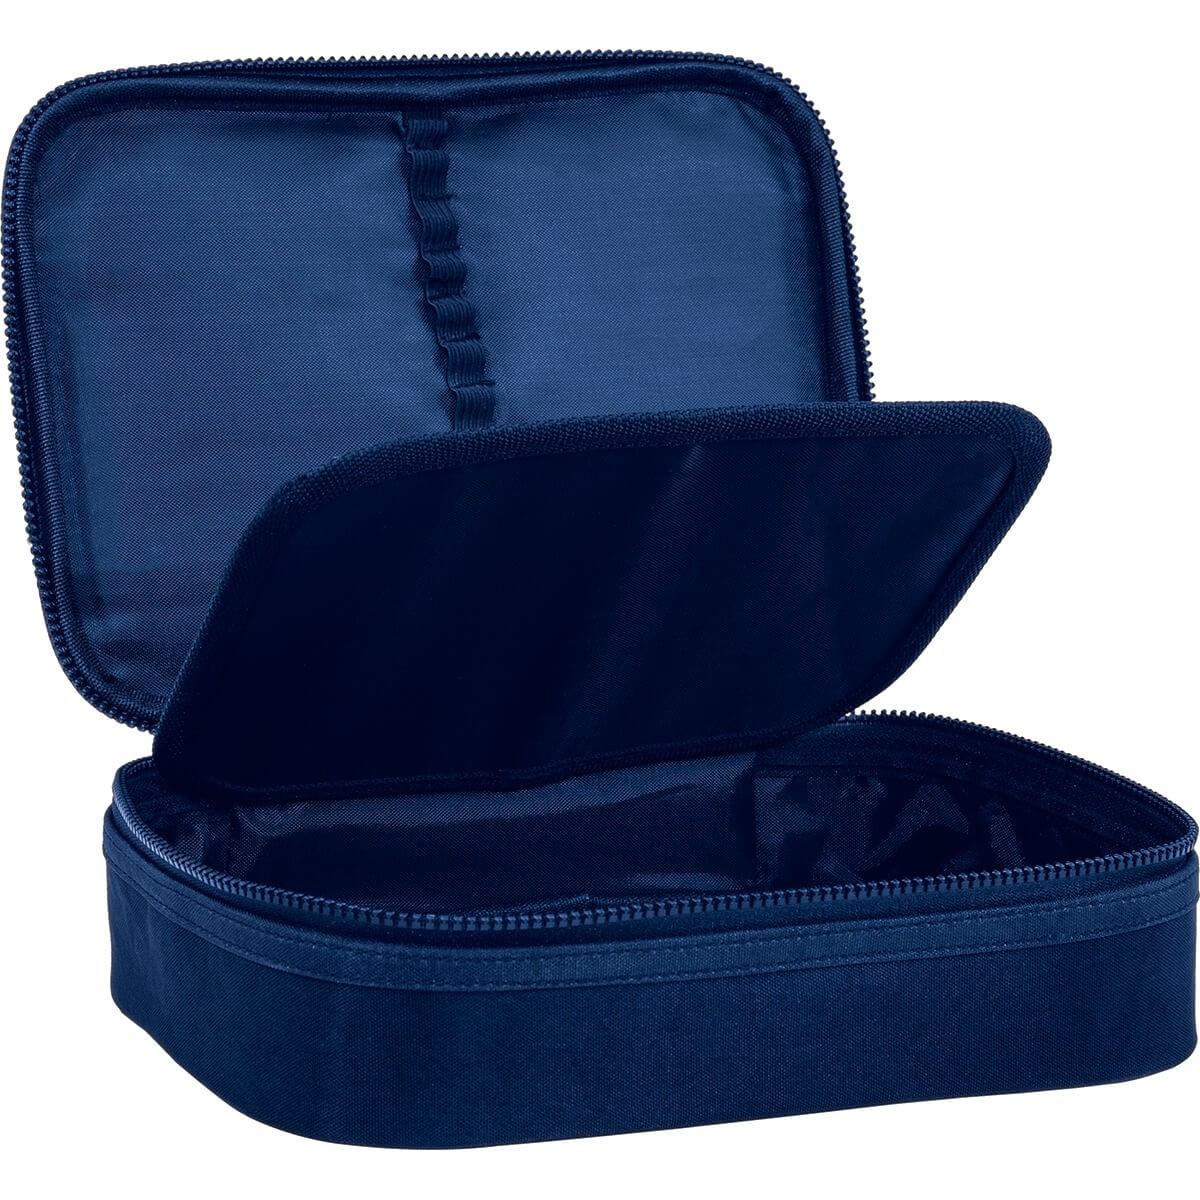 Estojo Box Academie Azul - Tilibra